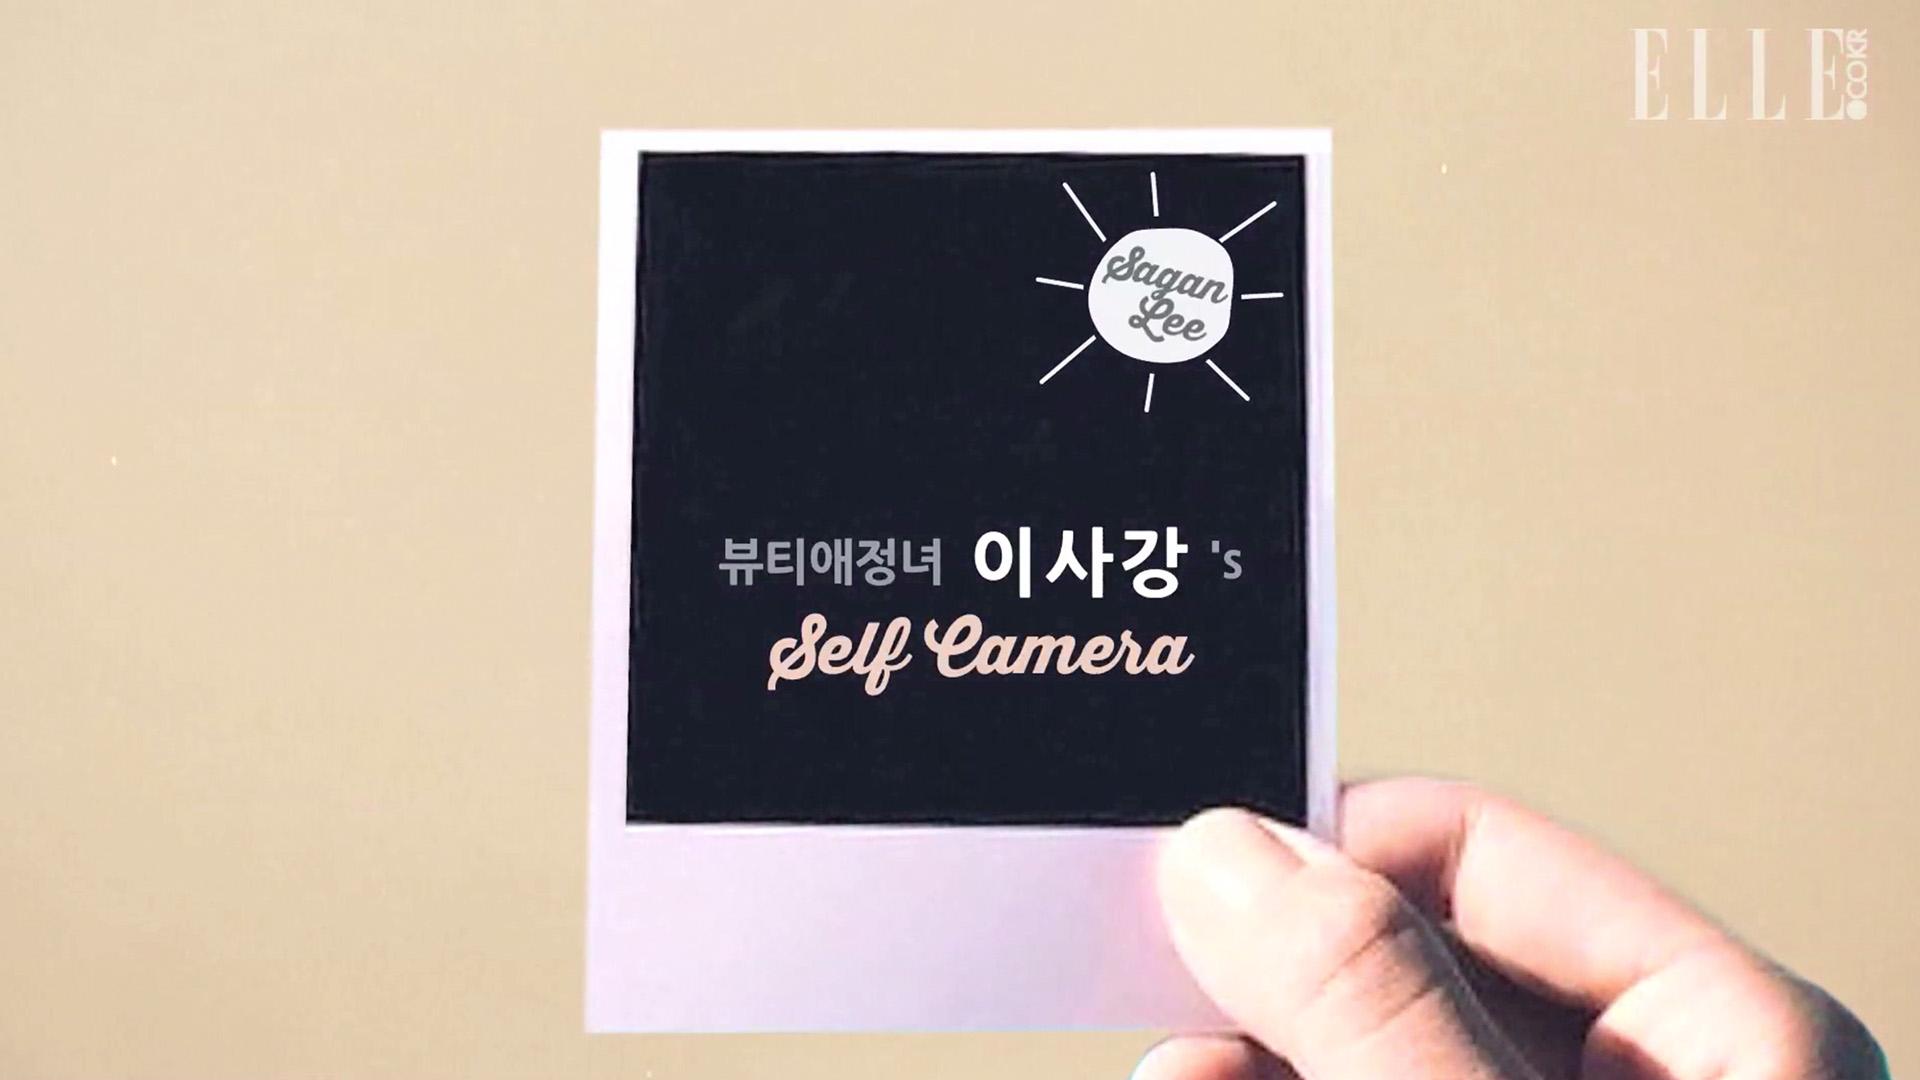 '뷰티 애정녀' 이사강의 셀프 카메라